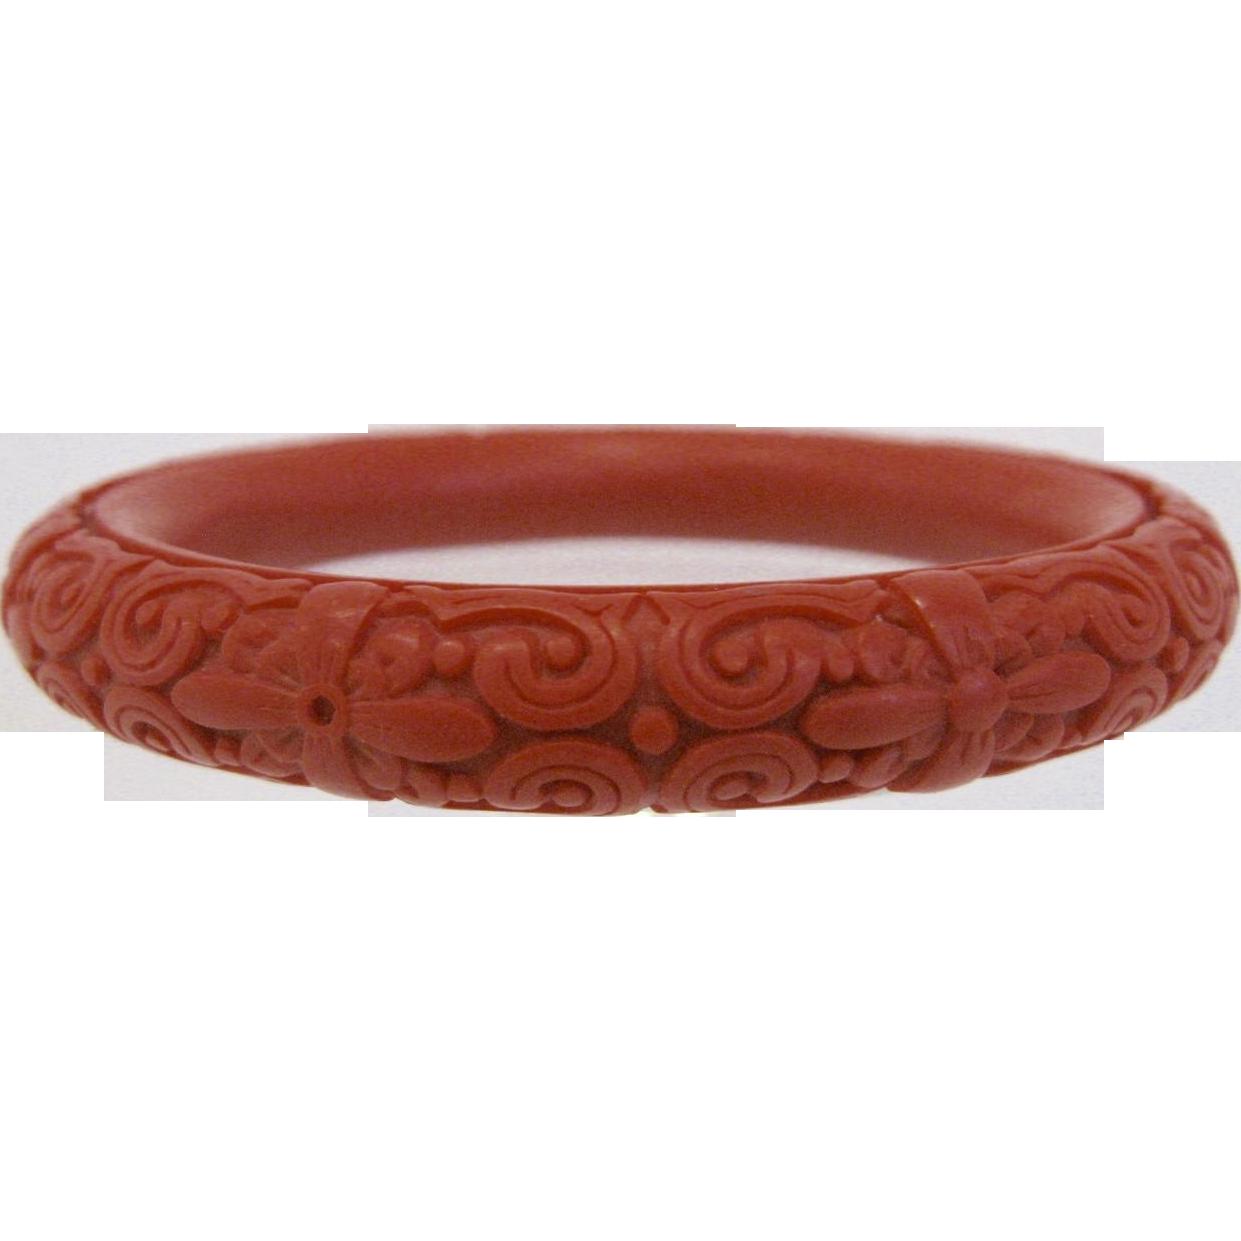 Deeply Carved Red Cinnabar Bangle Bracelet